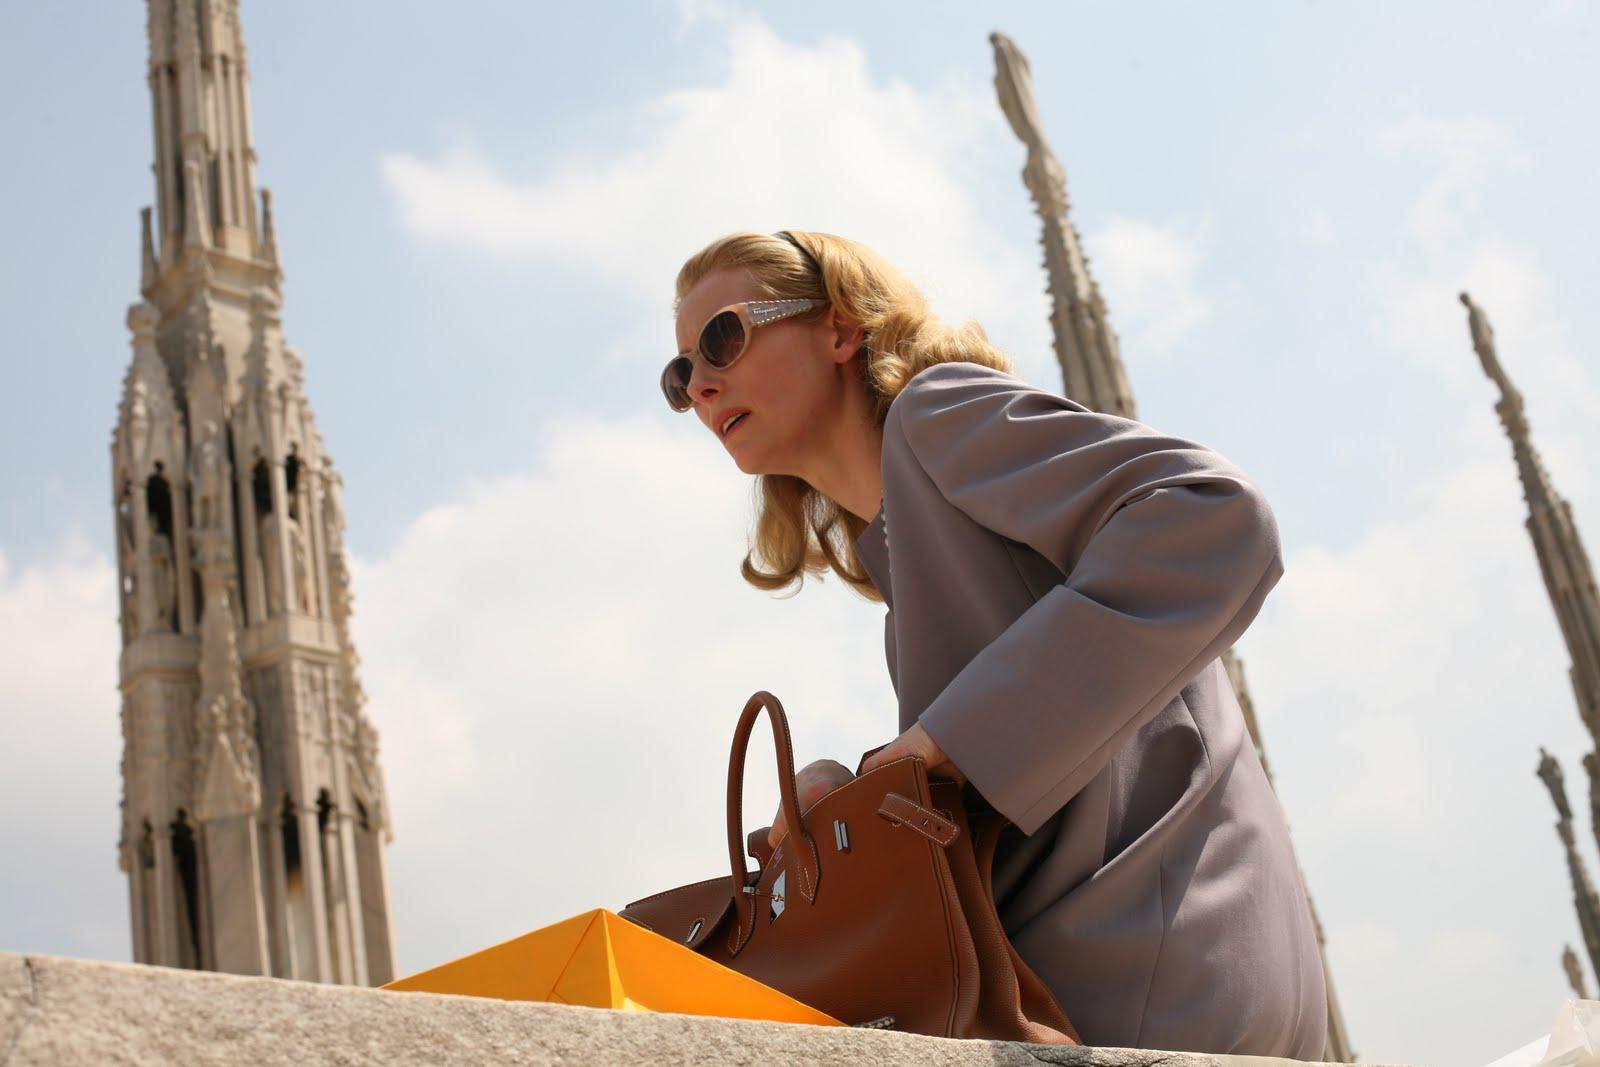 http://1.bp.blogspot.com/-nglsheOX6QE/UJfW1AJRucI/AAAAAAAAE6U/vq6Y3c6kqCs/s1600/i+am+love+movie.jpeg